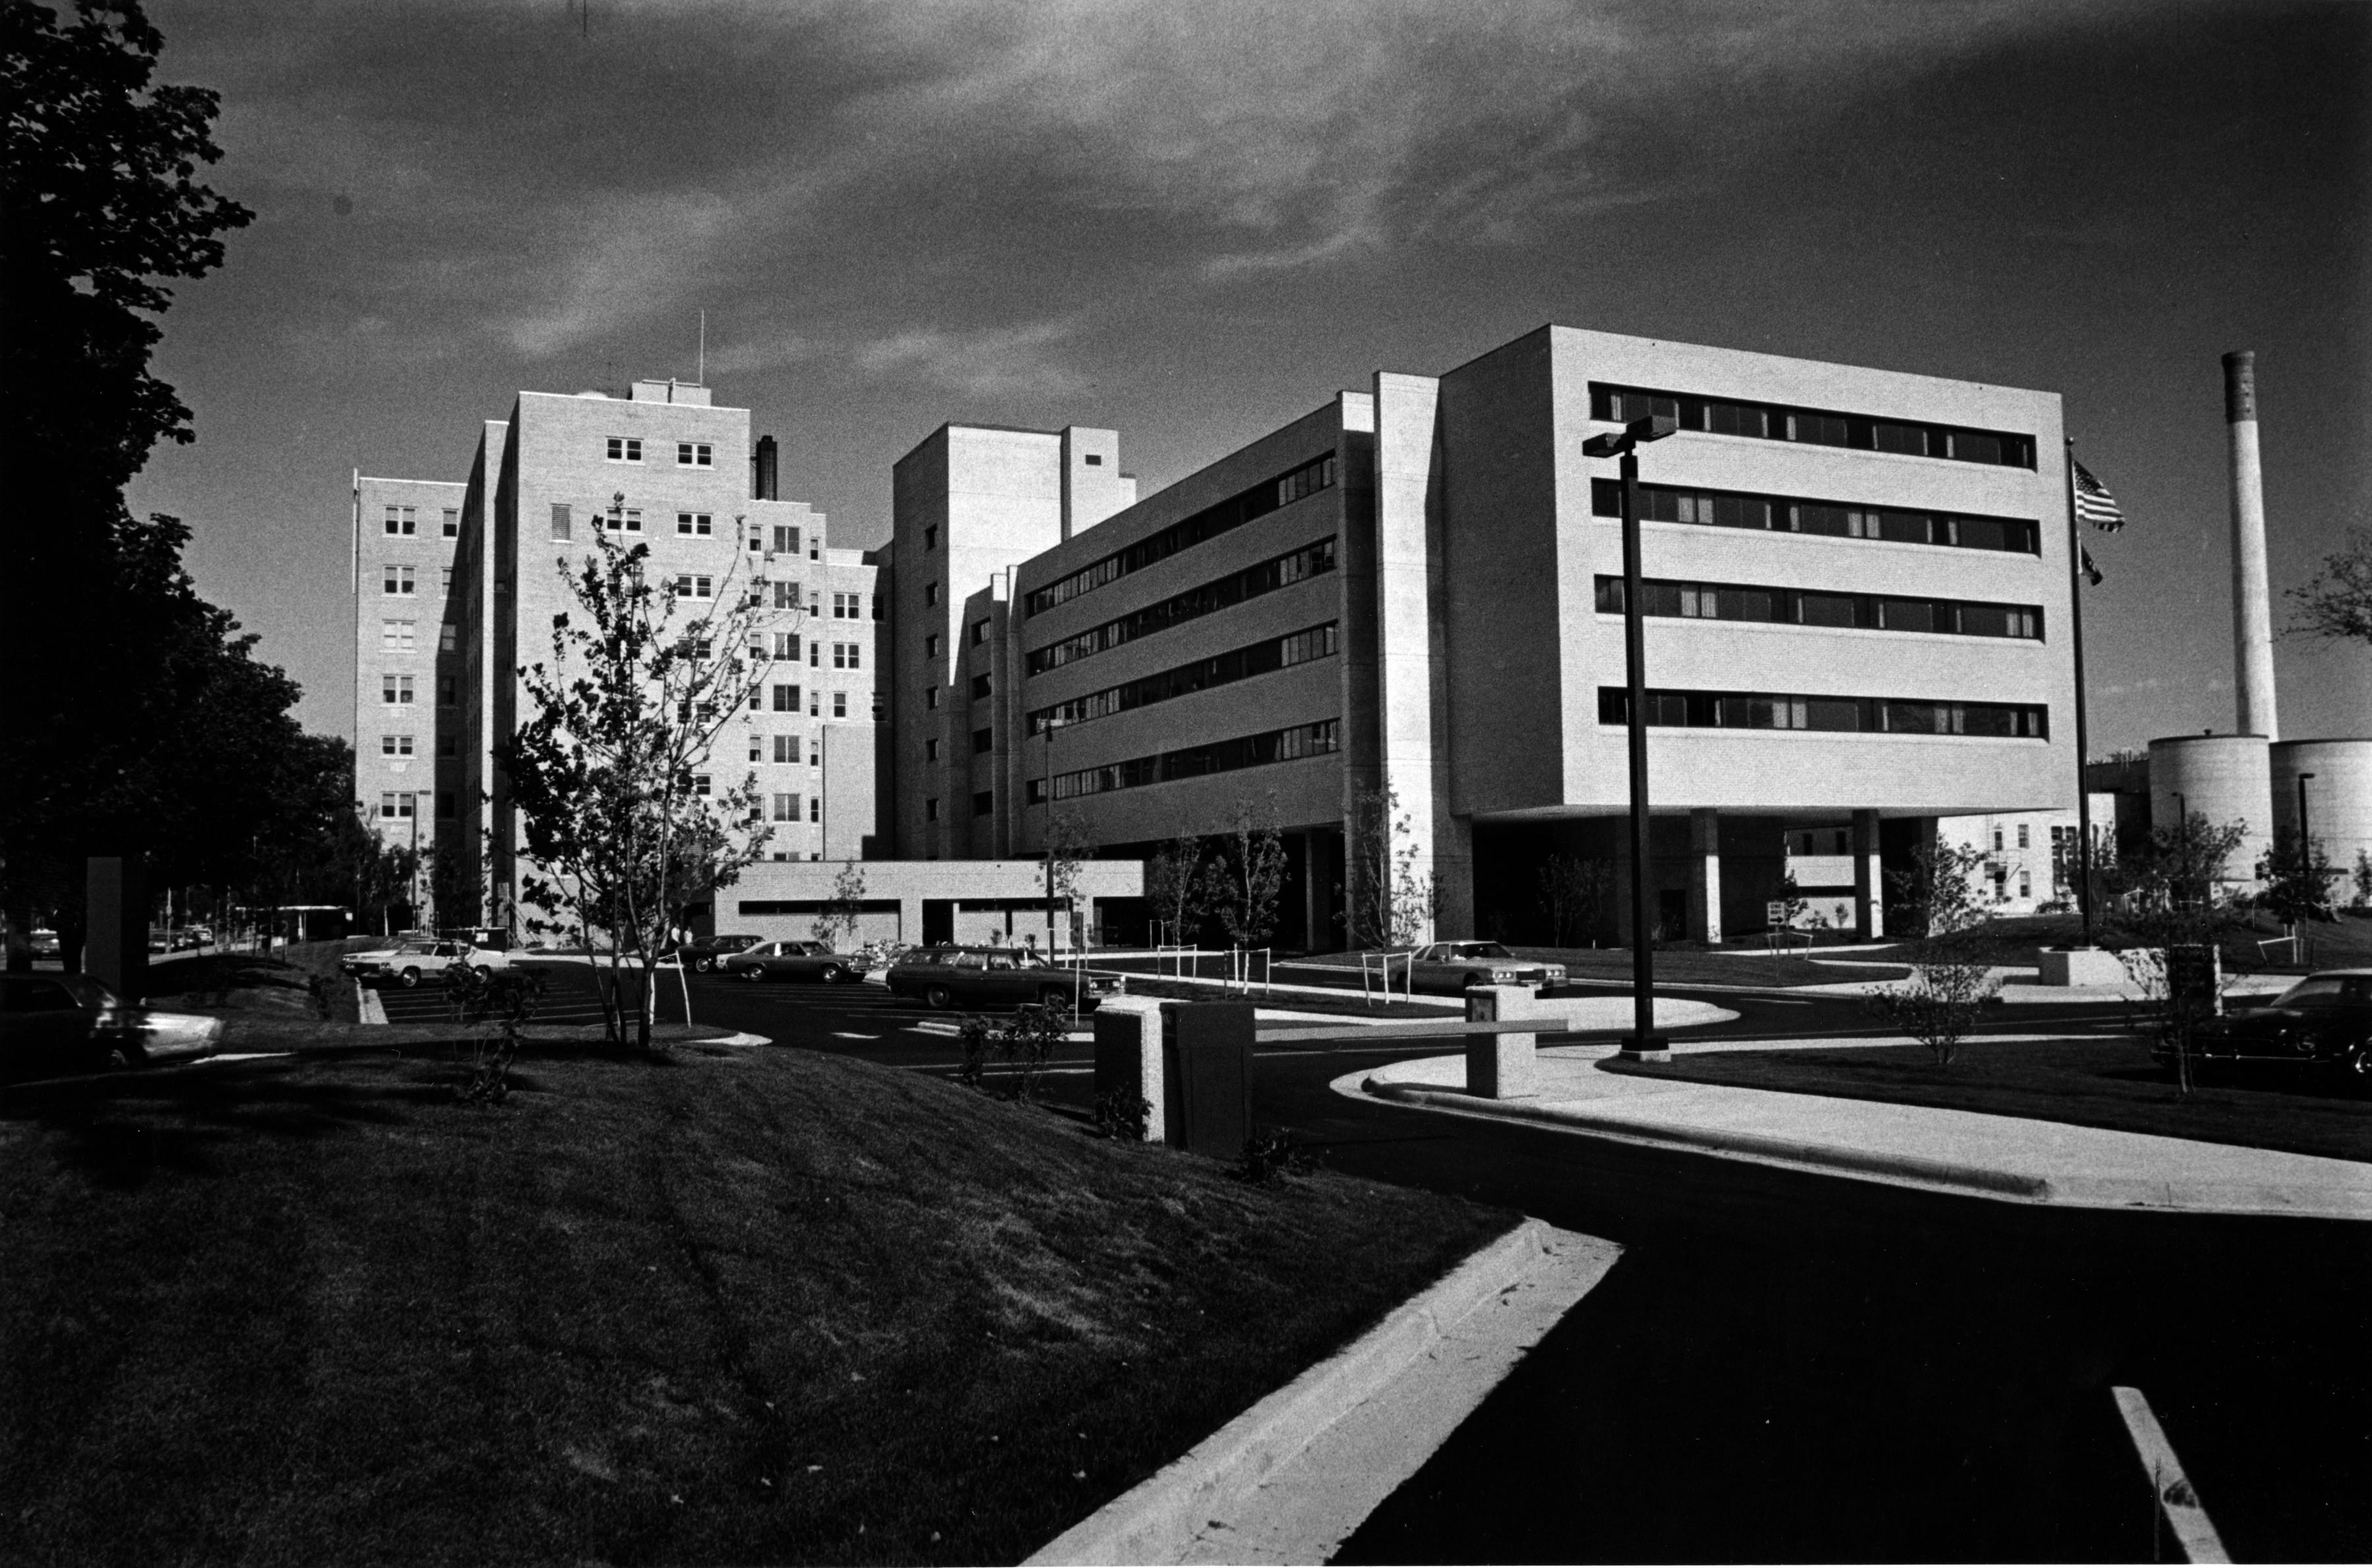 St. Agnes Hospital after 1974 expansion.